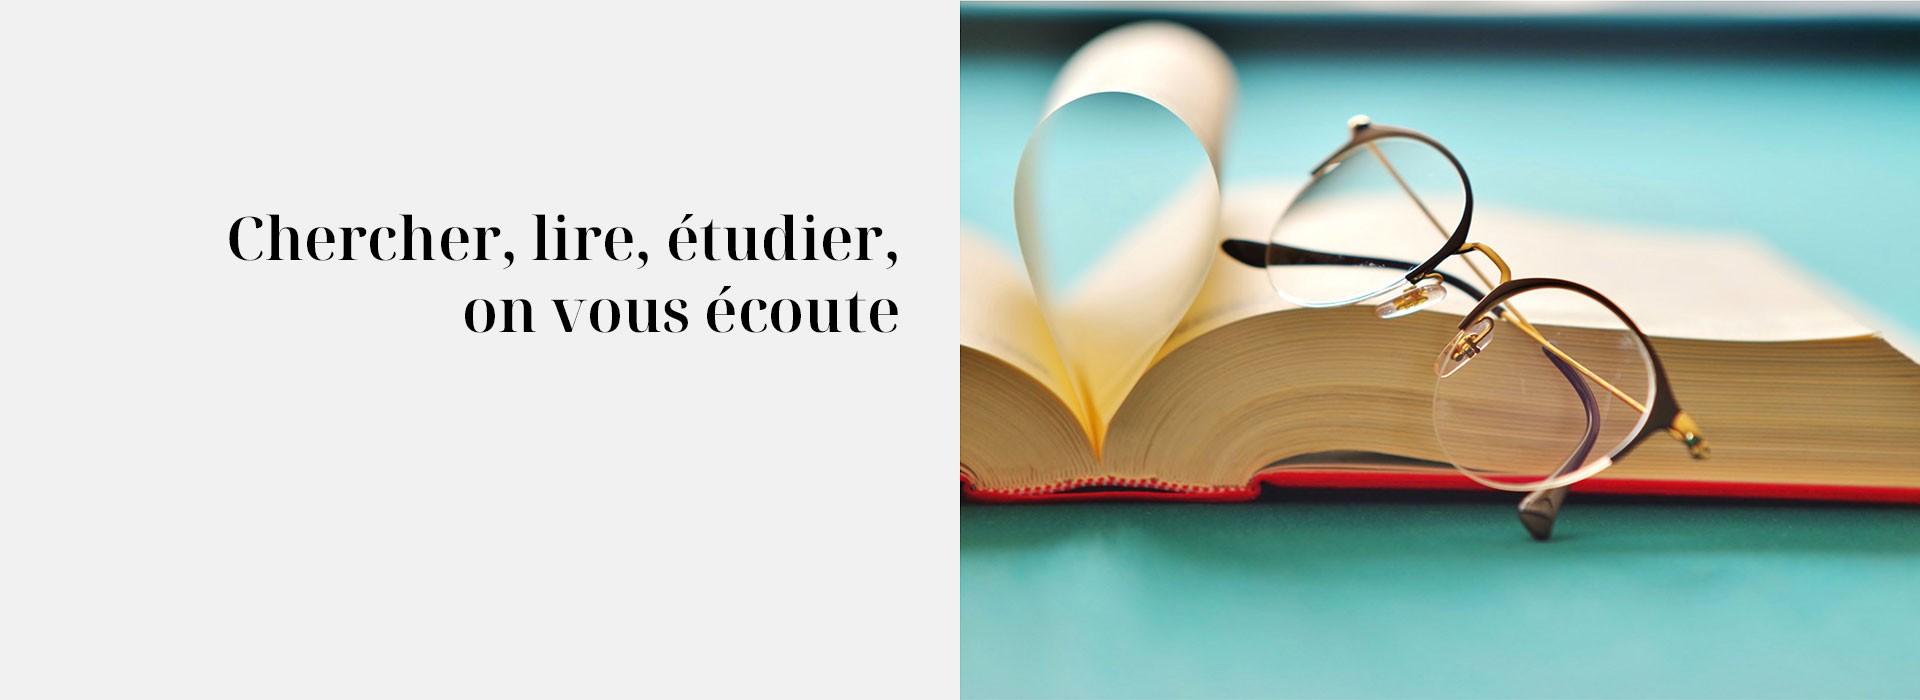 Chercher, lire, étudier